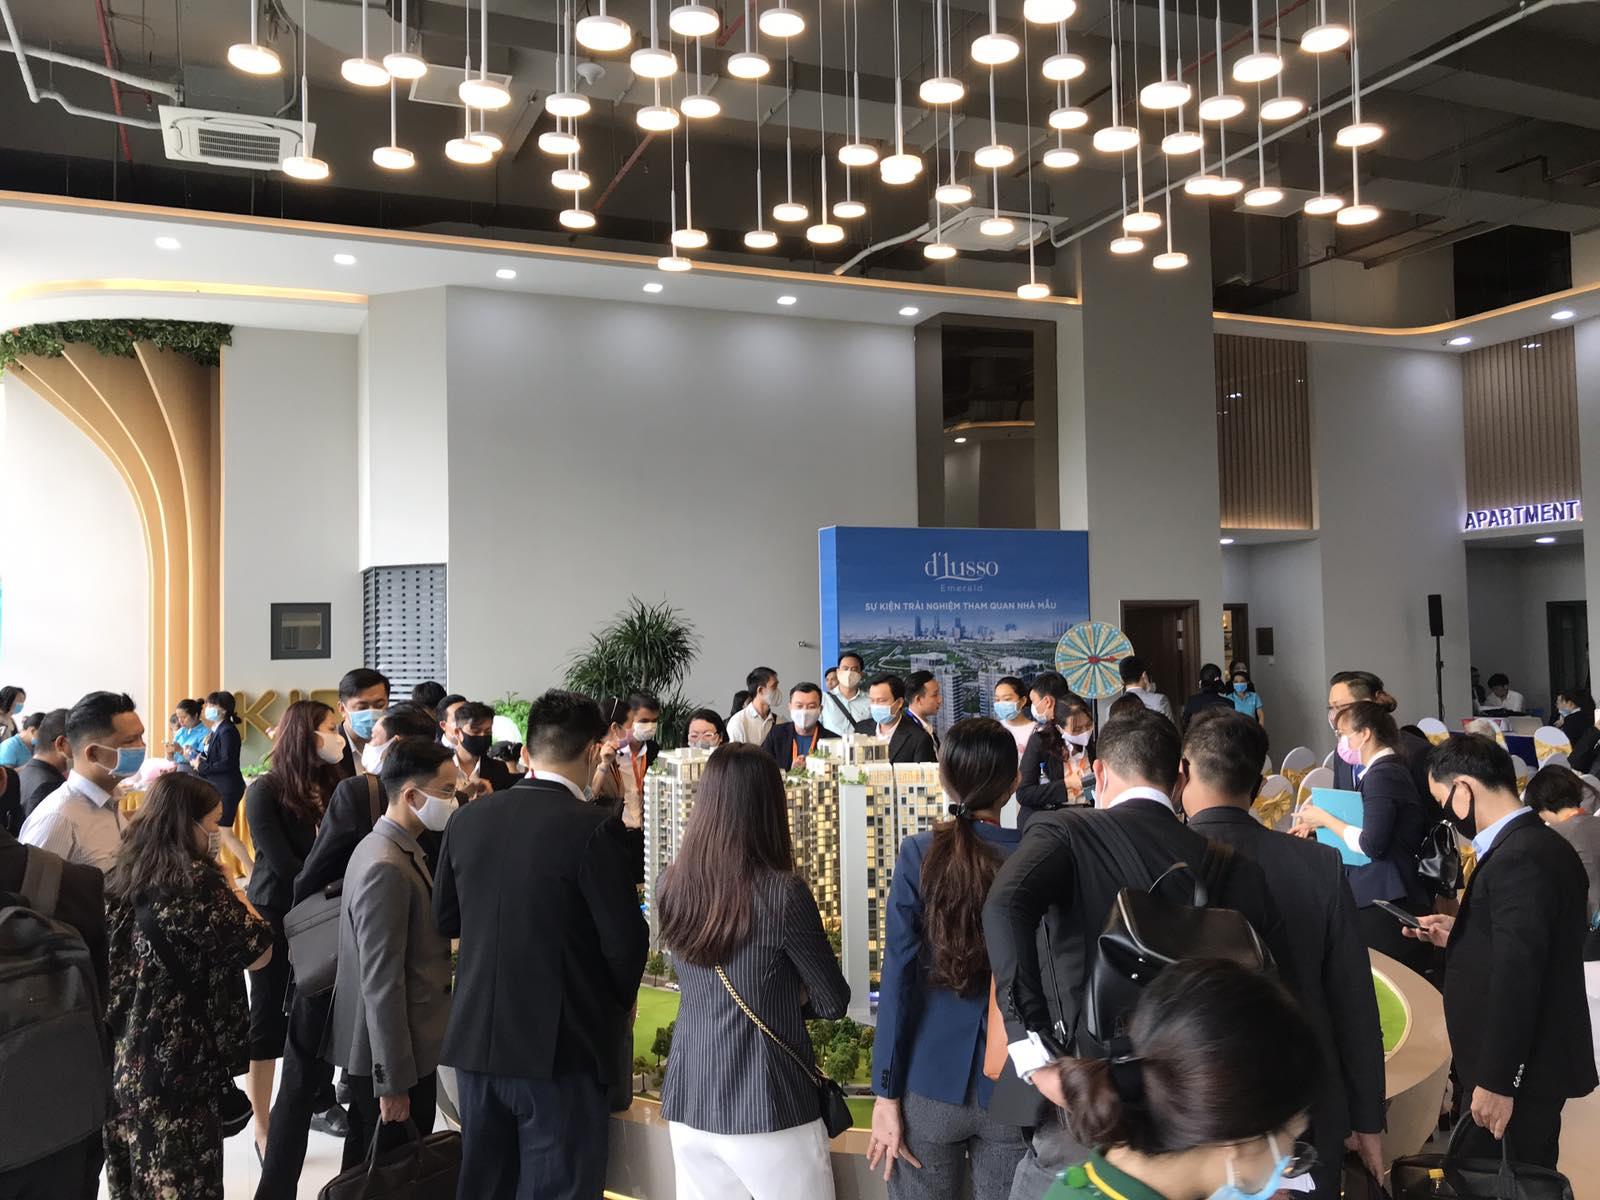 Hàng trăm khách hàng tham dự event trải nghiệm thực tế căn hộ mẫu Dlusso